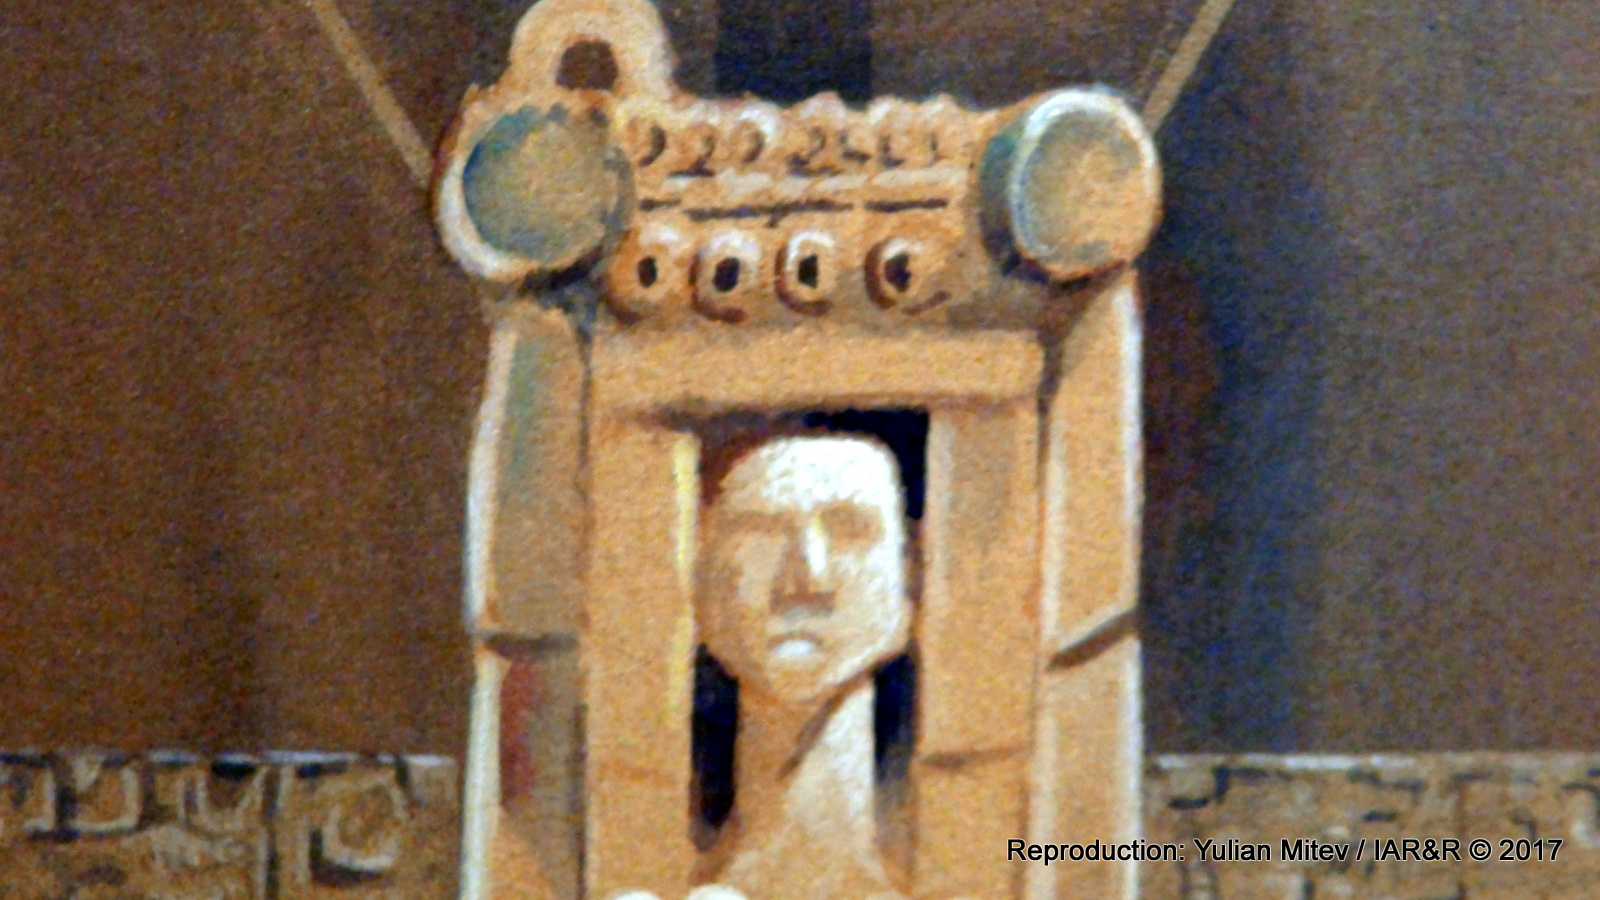 """НИКОЛА МАНЕВ, """"Древни послания"""" (фрагмент), година на създаване – не е посочена, размери – не са посочени, провенанс – ателието на художника, естимейт 550 €"""